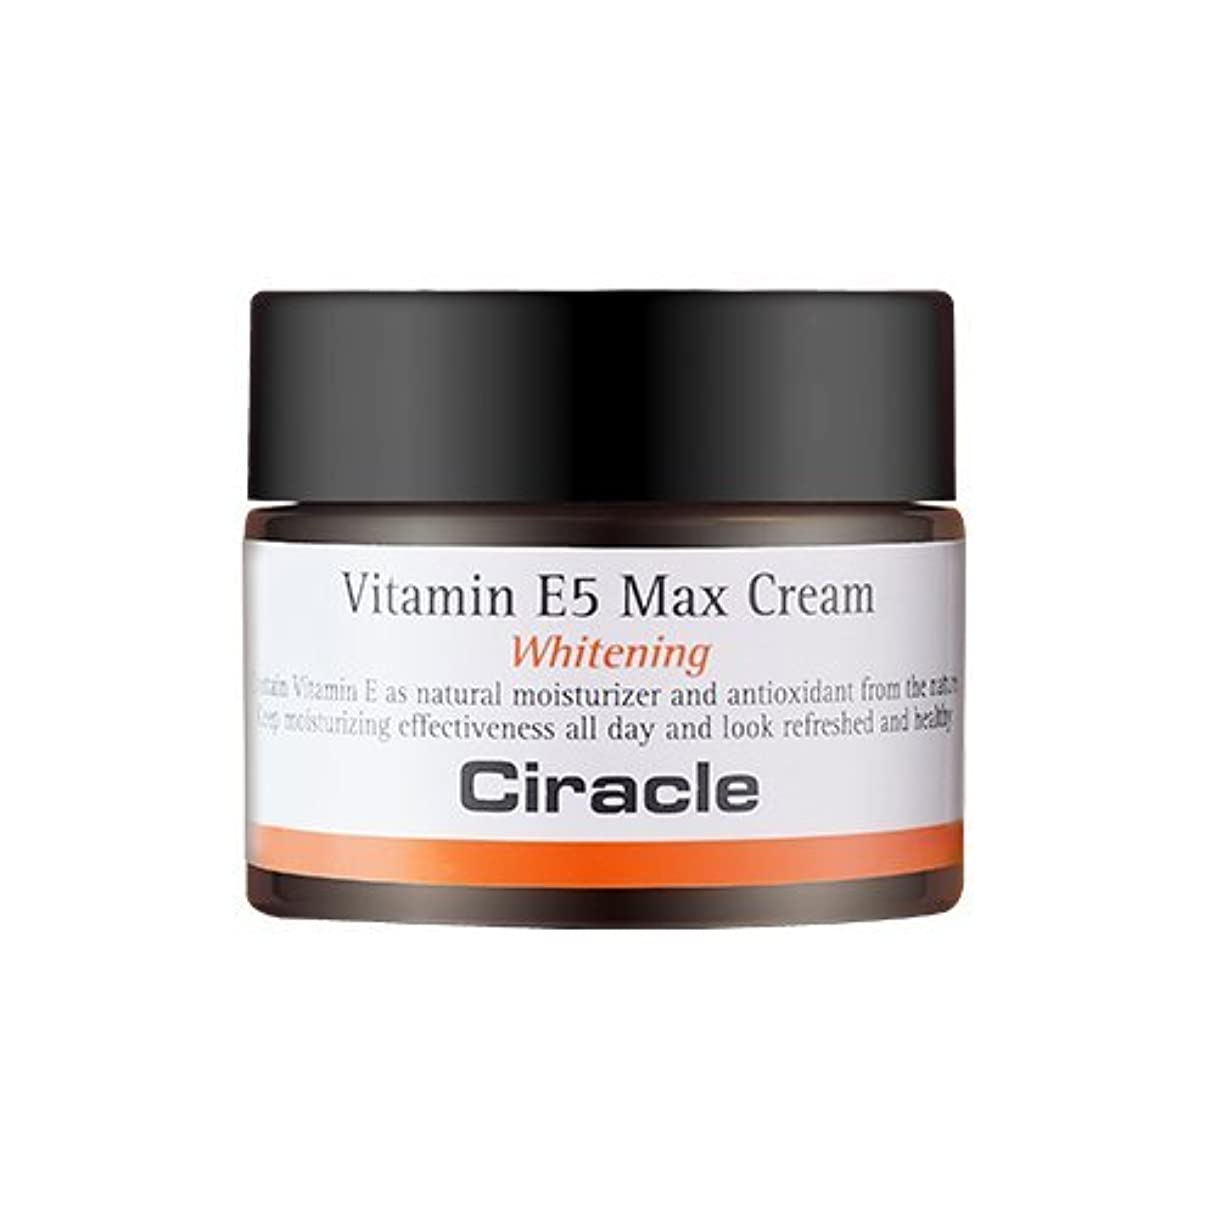 全員賞賛反逆Ciracle Vitamin E5 Max Cream シラクル ビタミンE5 マックス クリーム 50ml [並行輸入品]